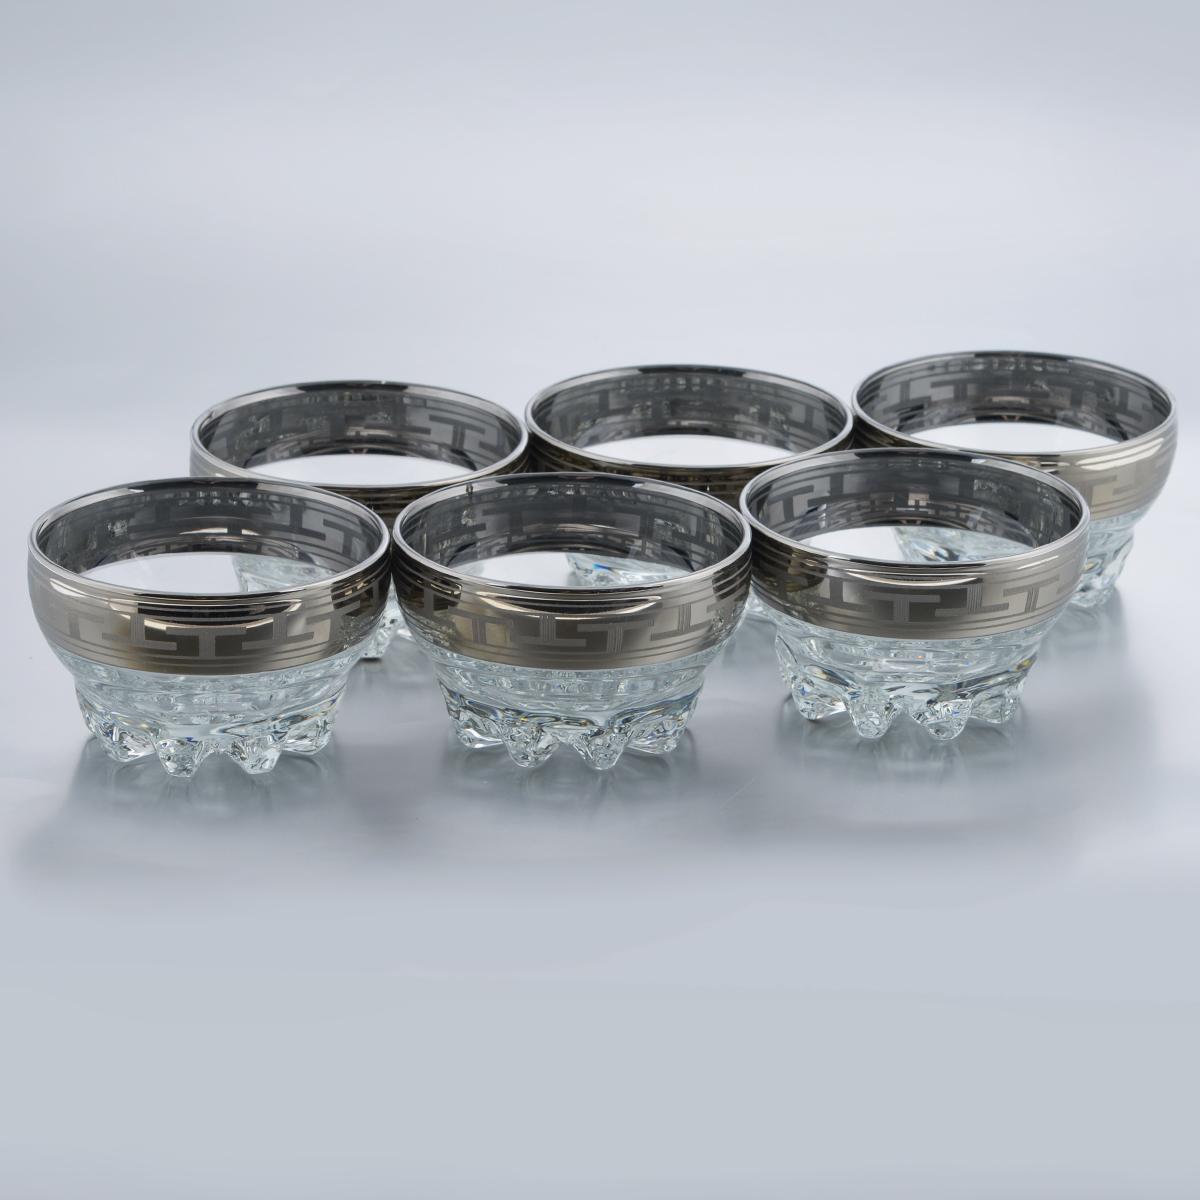 Набор креманок Гусь-Хрустальный Греческий узор, диаметр 10 см, 6 штGE01-3258Набор Гусь-Хрустальный Греческий узор состоит из 6 креманок, изготовленных из высококачественного натрий-кальций-силикатного стекла. Изделия оформлены красивым зеркальным покрытием и широкой окантовкой с оригинальным узором. Креманки прекрасно подойдут для подачи десертов и мороженого. Такой набор прекрасно дополнит праздничный стол и станет желанным подарком в любом доме.Разрешается мыть в посудомоечной машине.Диаметр креманки (по верхнему краю): 10 см.Высота креманки: 6 см.